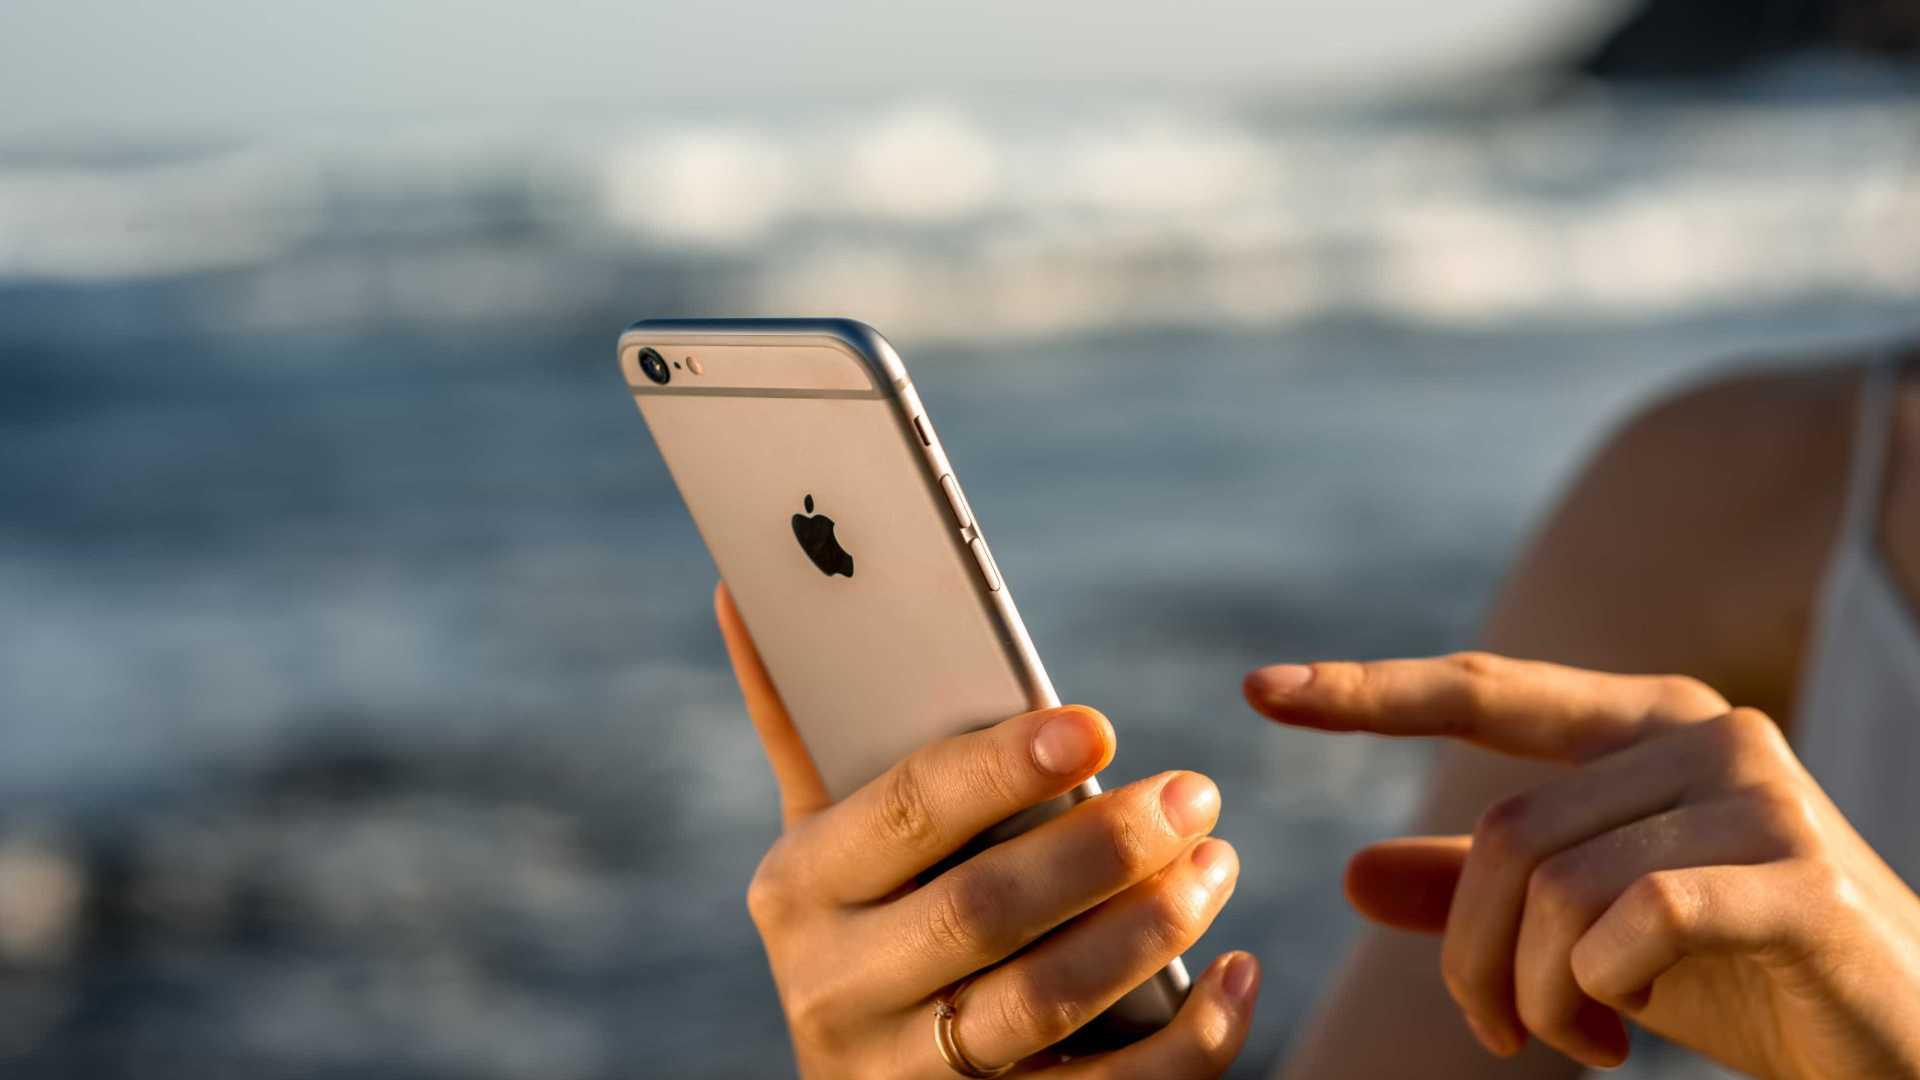 Imagem de Apple não deve lançar iPhone com suporte para internet 5G antes de 2020 no tecmundo